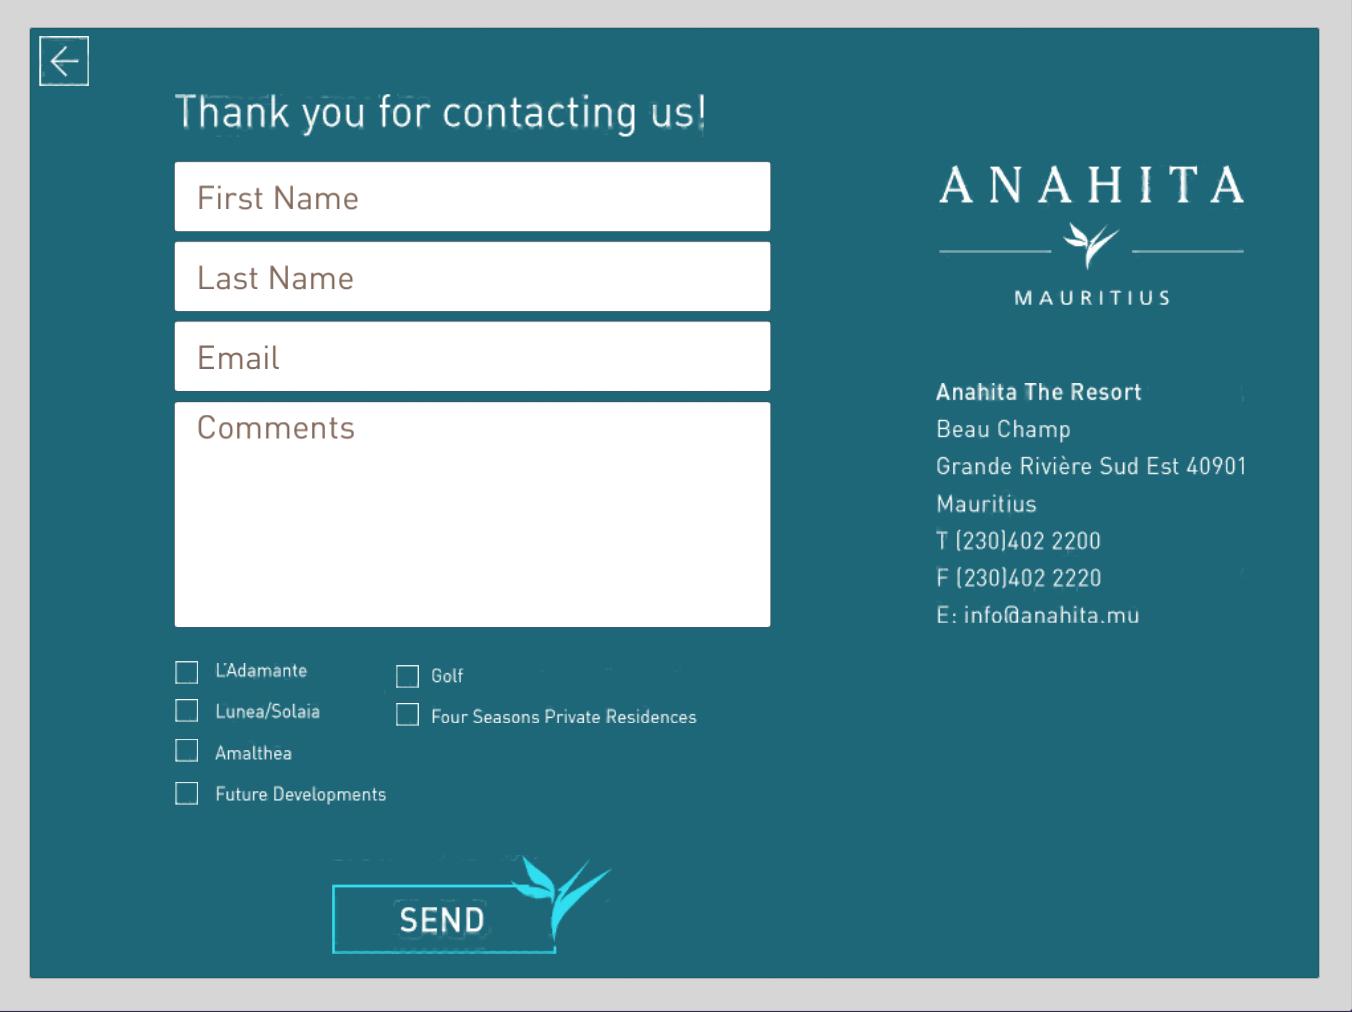 Anahita (IOS)